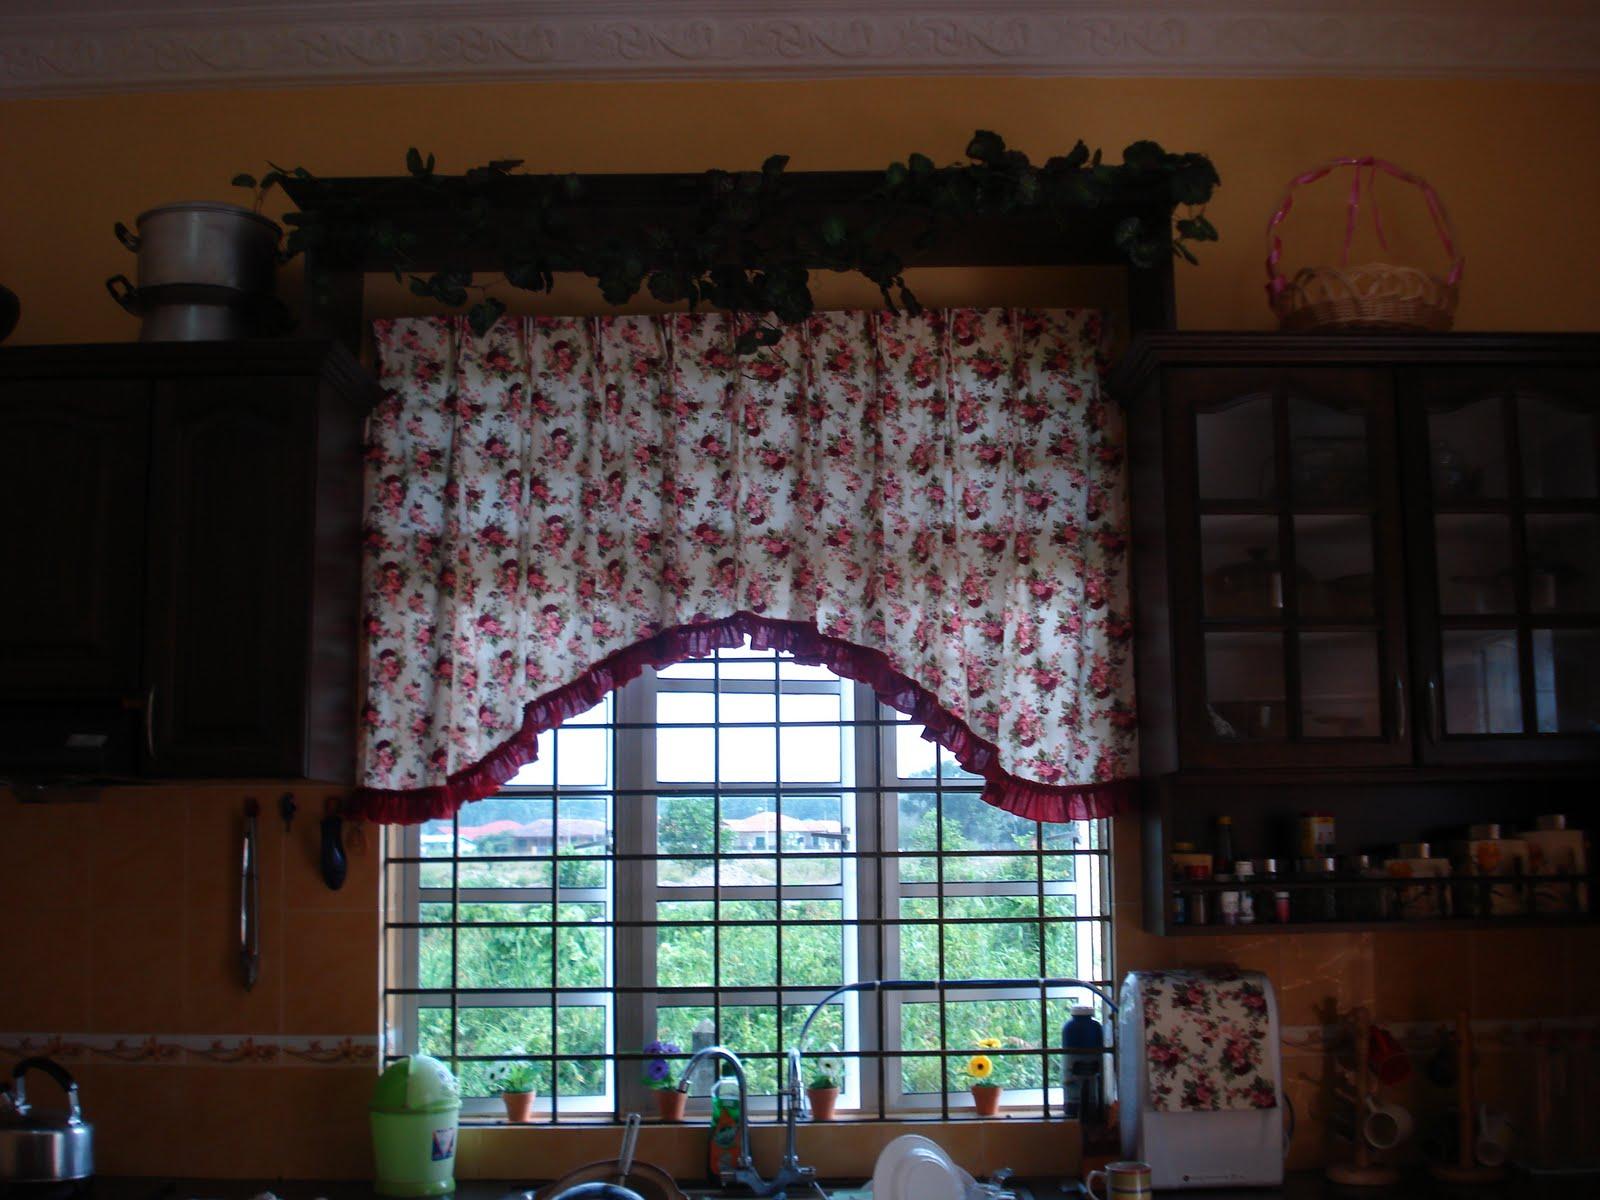 Menghias+Rumah+Kecil dapur kecil mungil tapi tetap mewah hiasan dapur ...